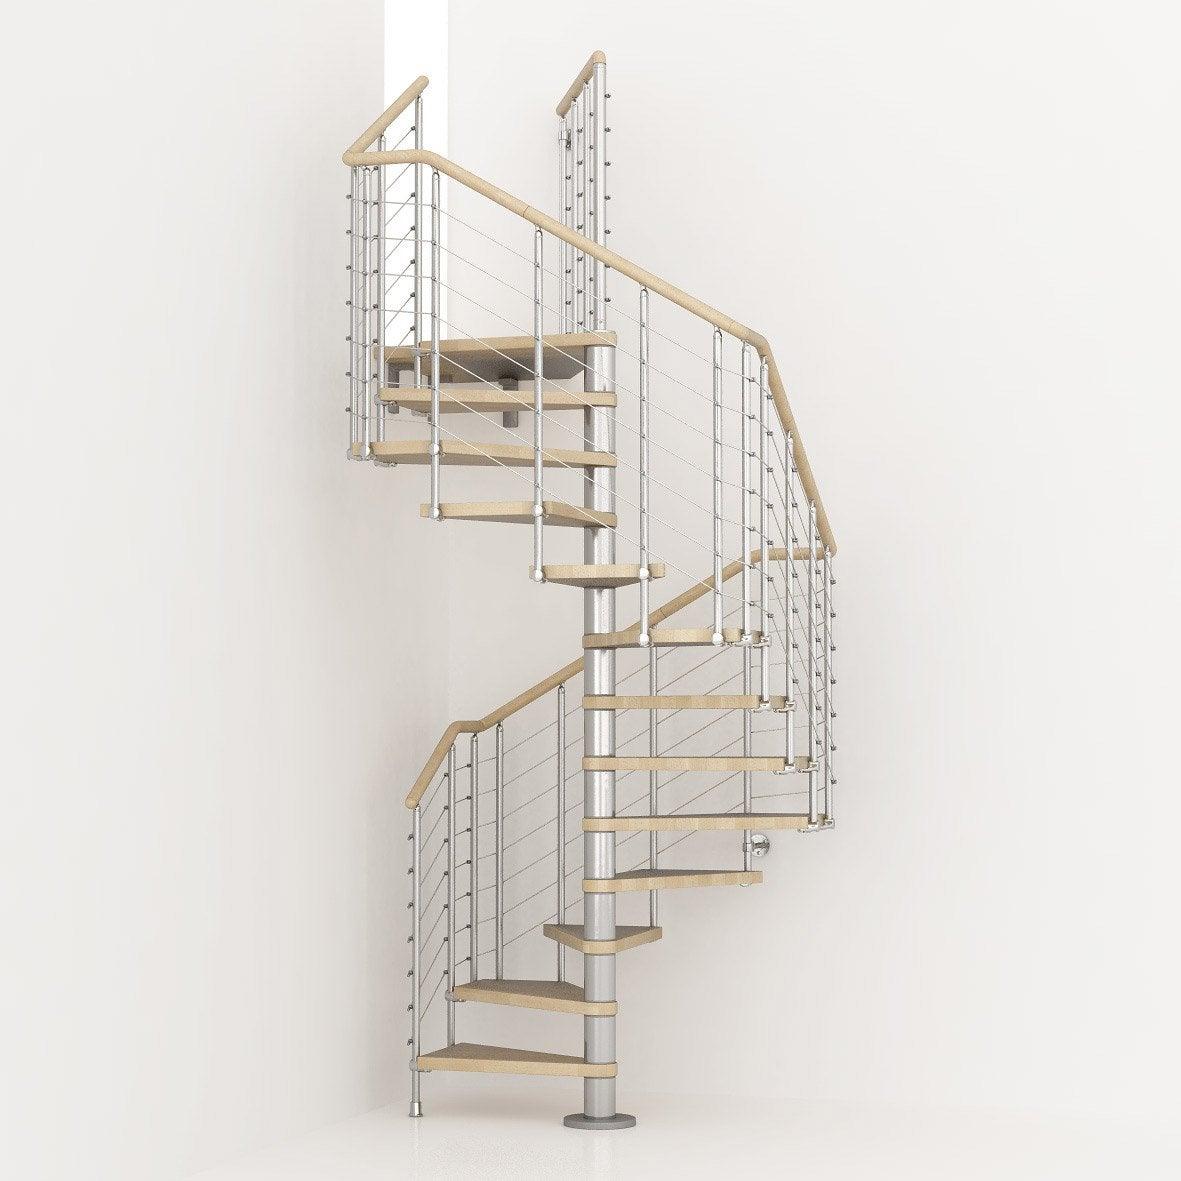 Escalier Colimacon Carre Cubeline Structure Metal Marche Bois